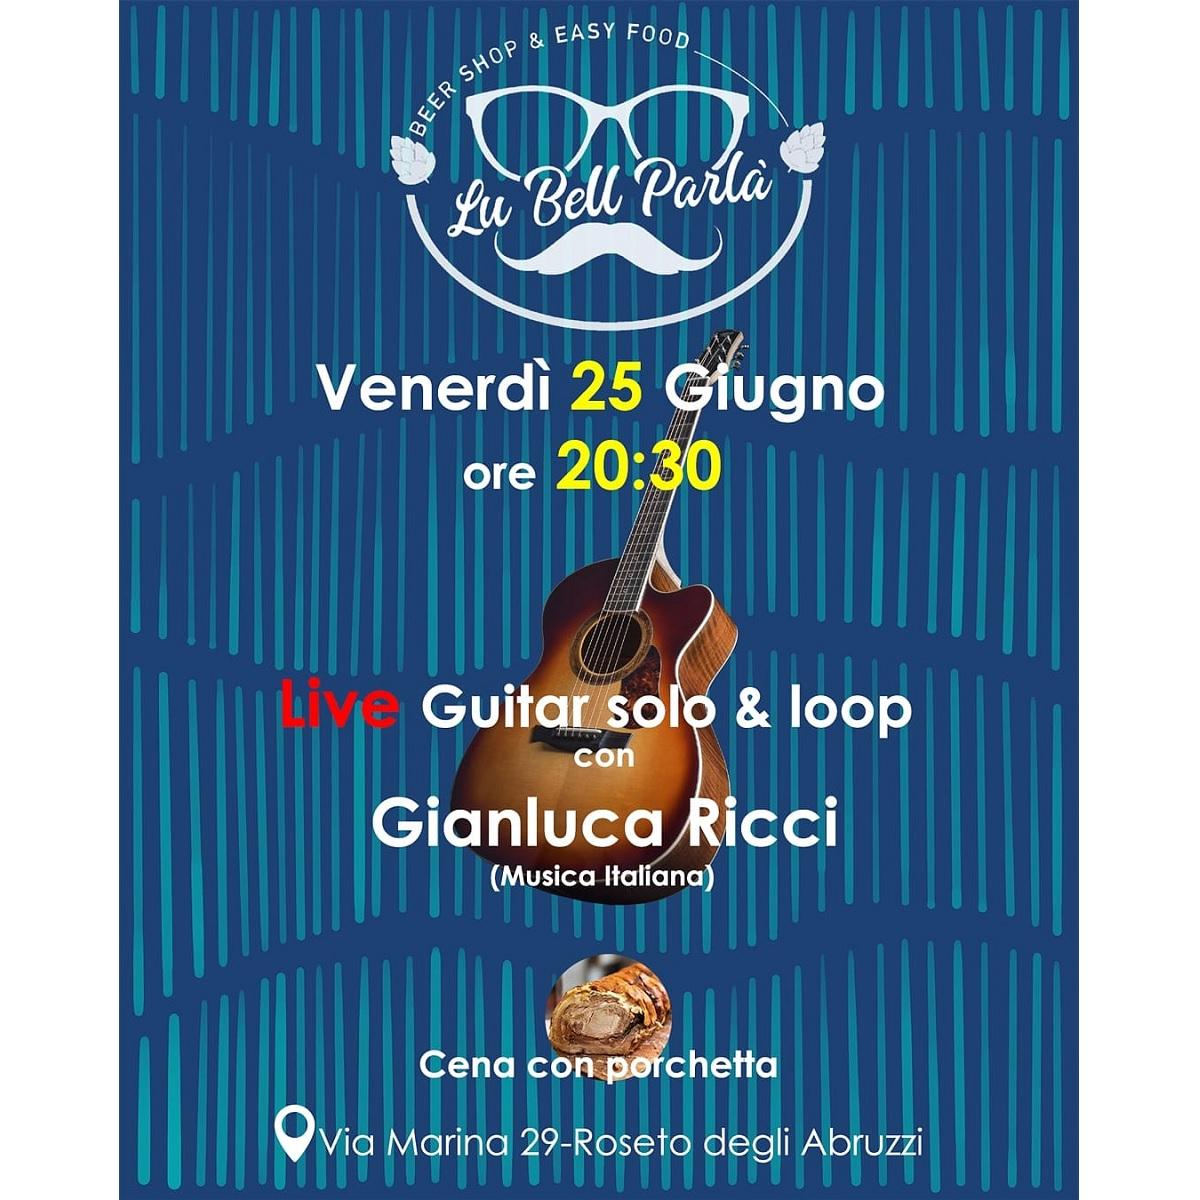 Live guitar solo & loop con Gianluca Ricci il 25 giugno foto